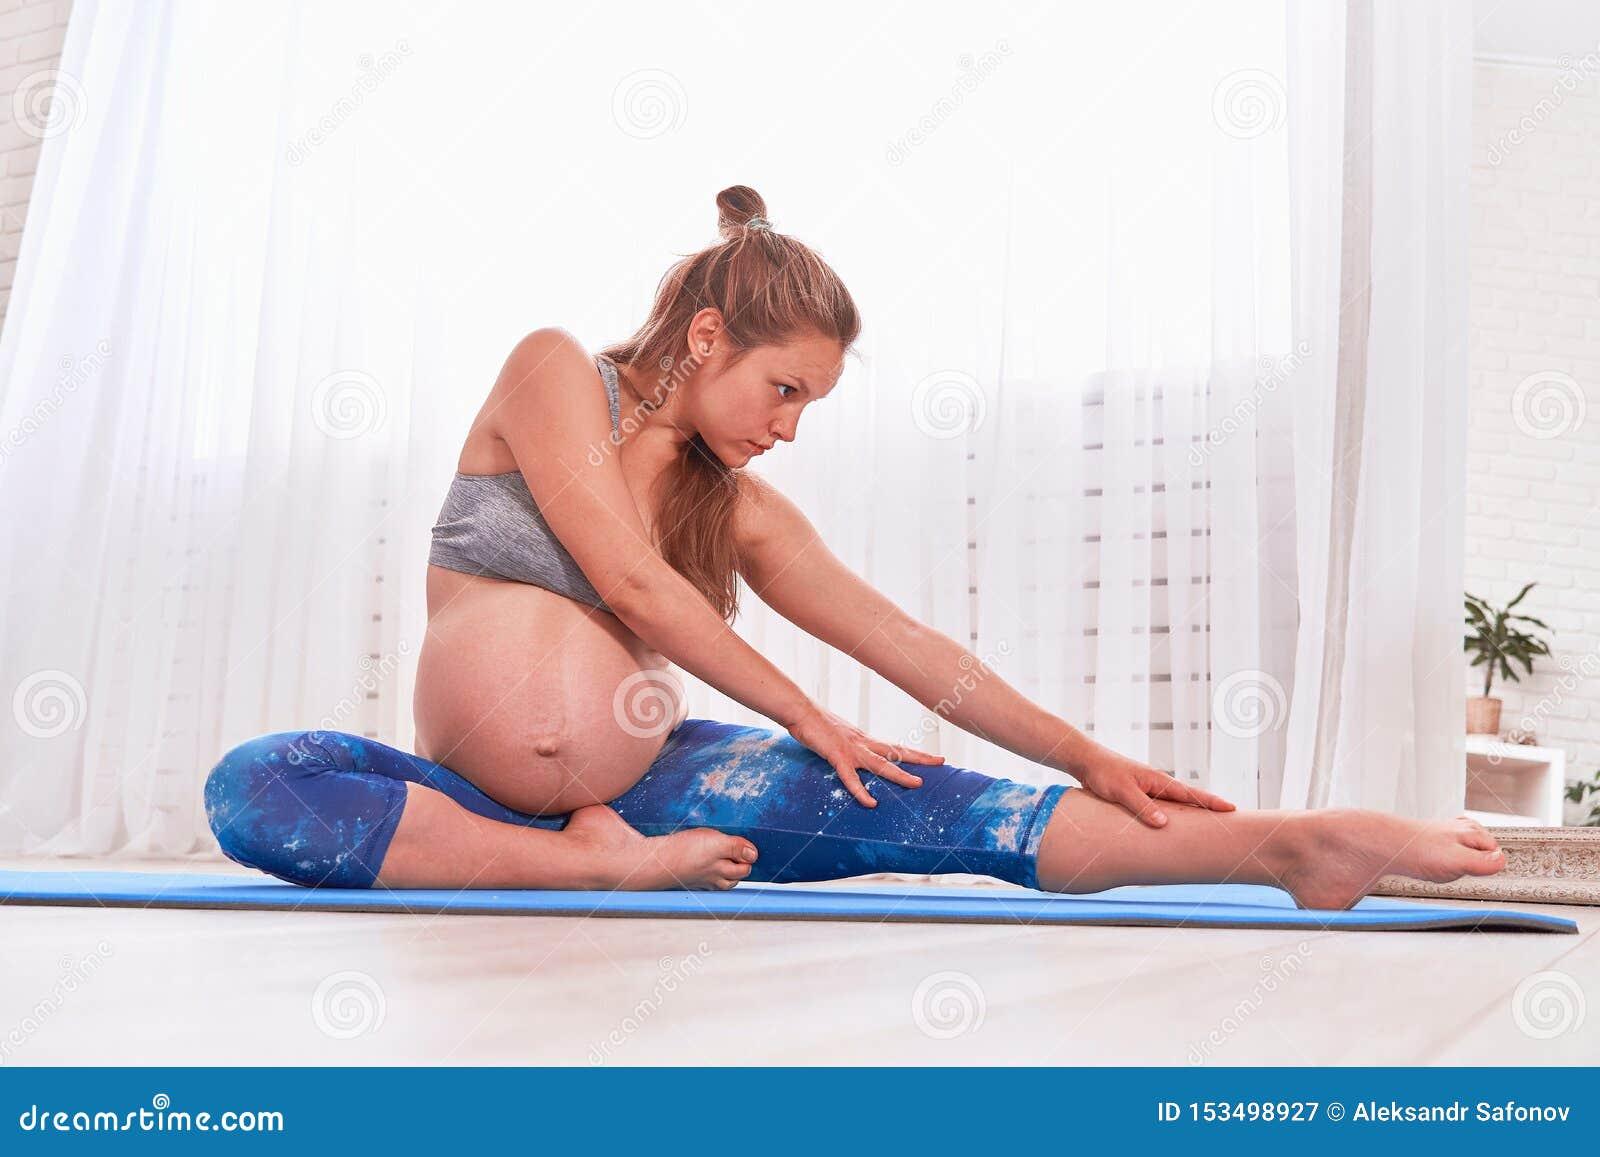 怀孕瑜伽凝思 思考怀孕的镇静的妇女 放松瑜伽 妊妇实践的怀孕瑜伽在家